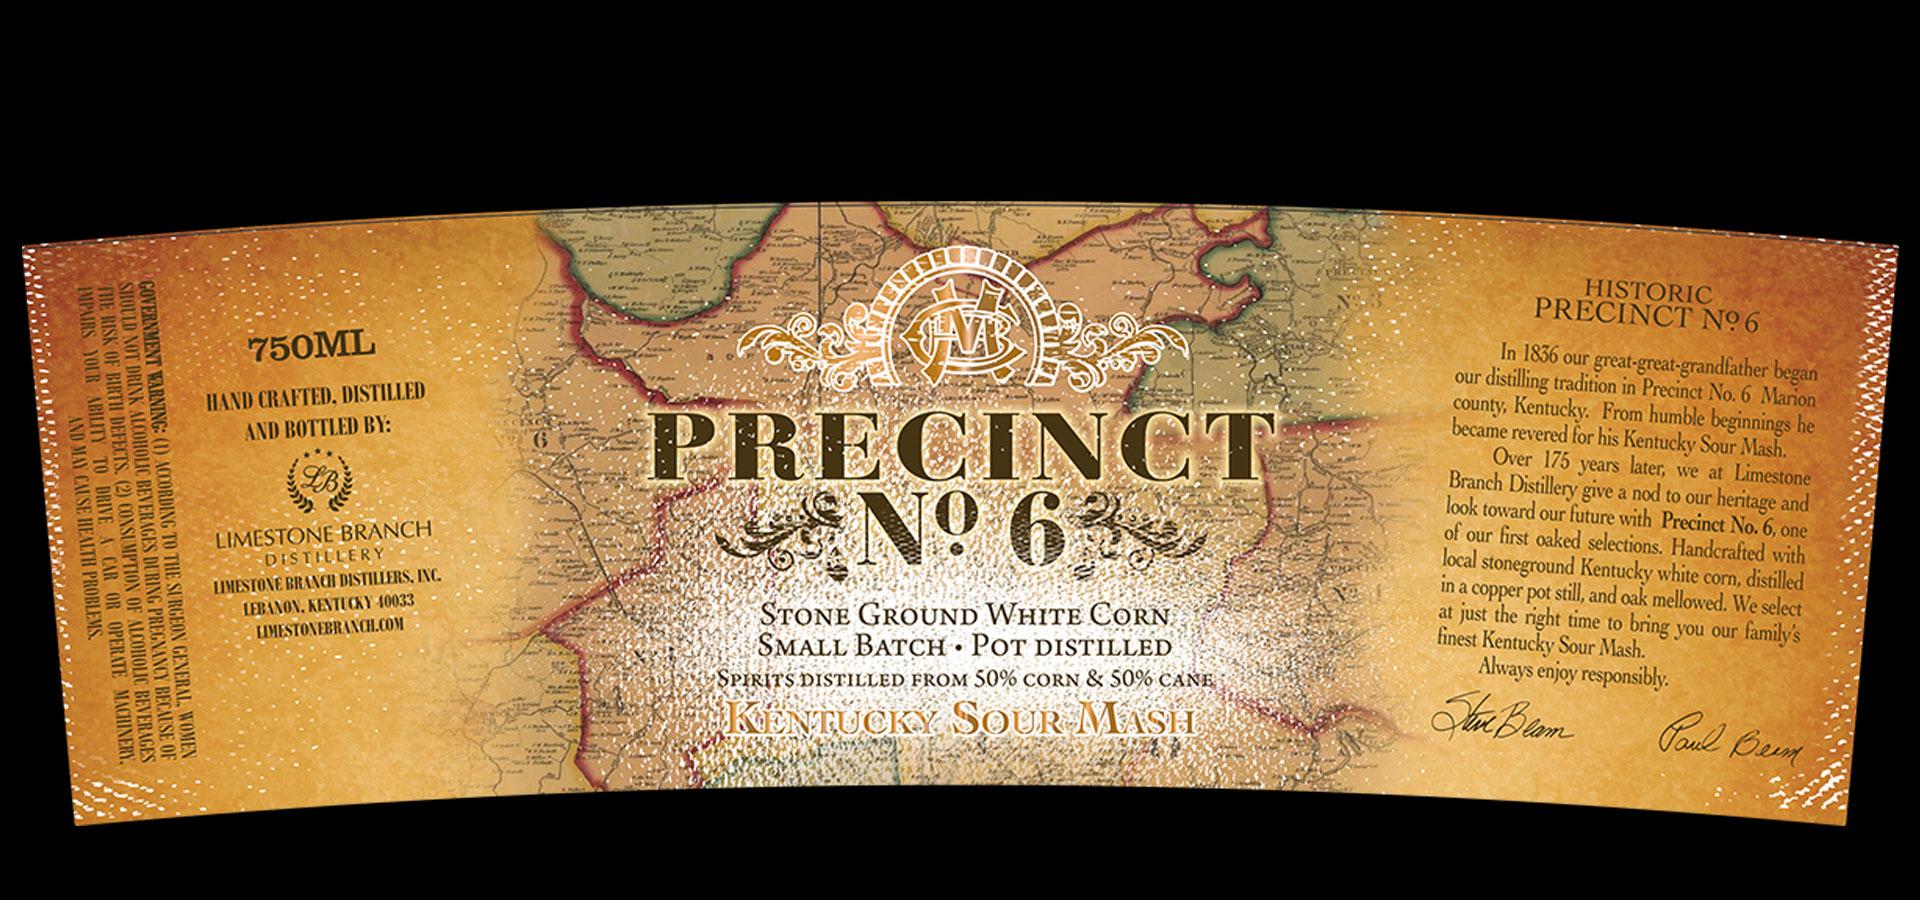 Image of PRECINCT No. 6 BOURBON